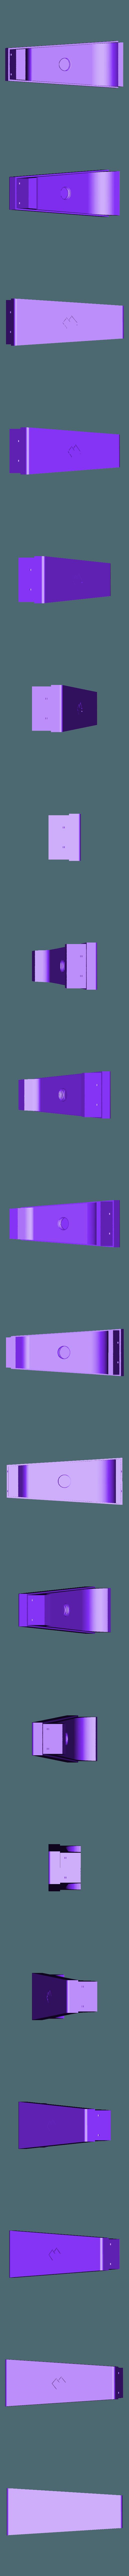 """devidoir_part_bas01.STL Télécharger fichier STL gratuit Dévidoir à scotch """"Monsteranimal T-Rex"""" • Modèle imprimable en 3D, Tibe-Design"""